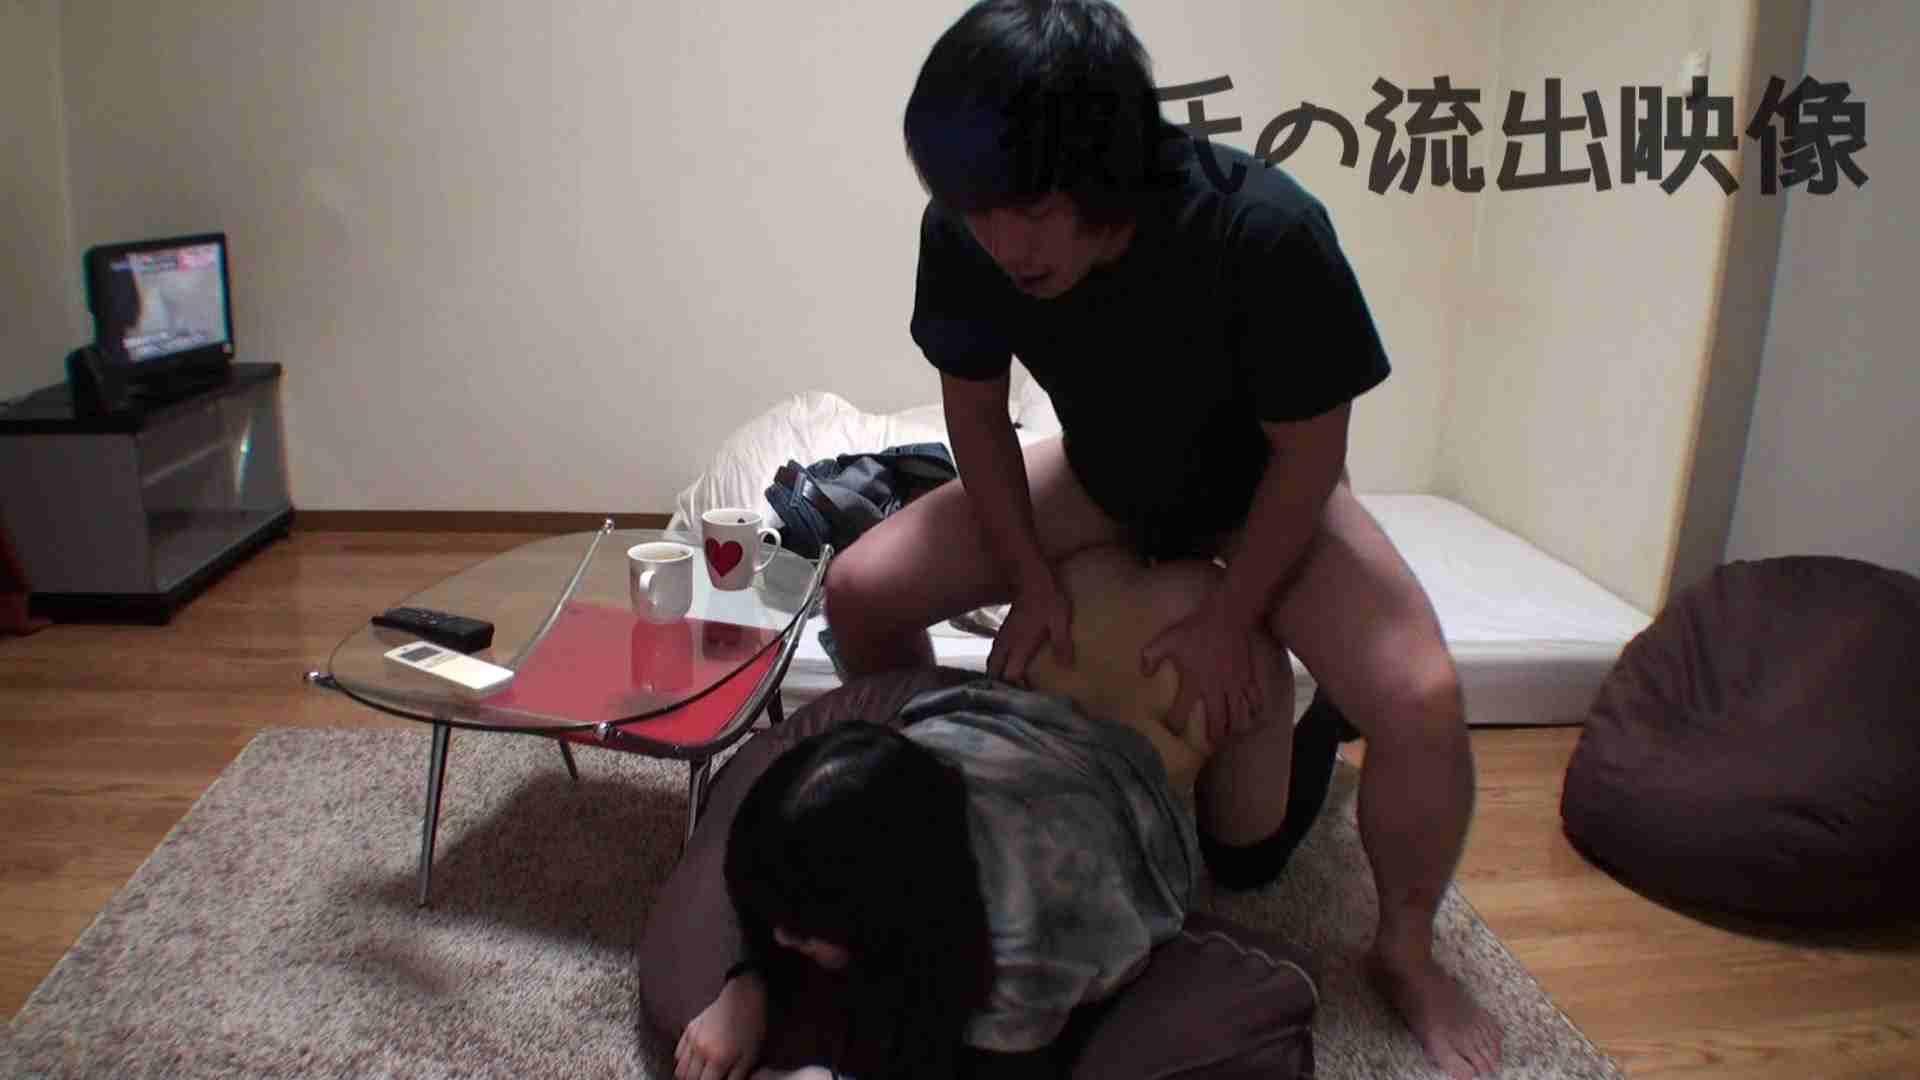 彼氏が流出 パイパン素人嬢のハメ撮り映像02 中出し ワレメ動画紹介 46pic 39